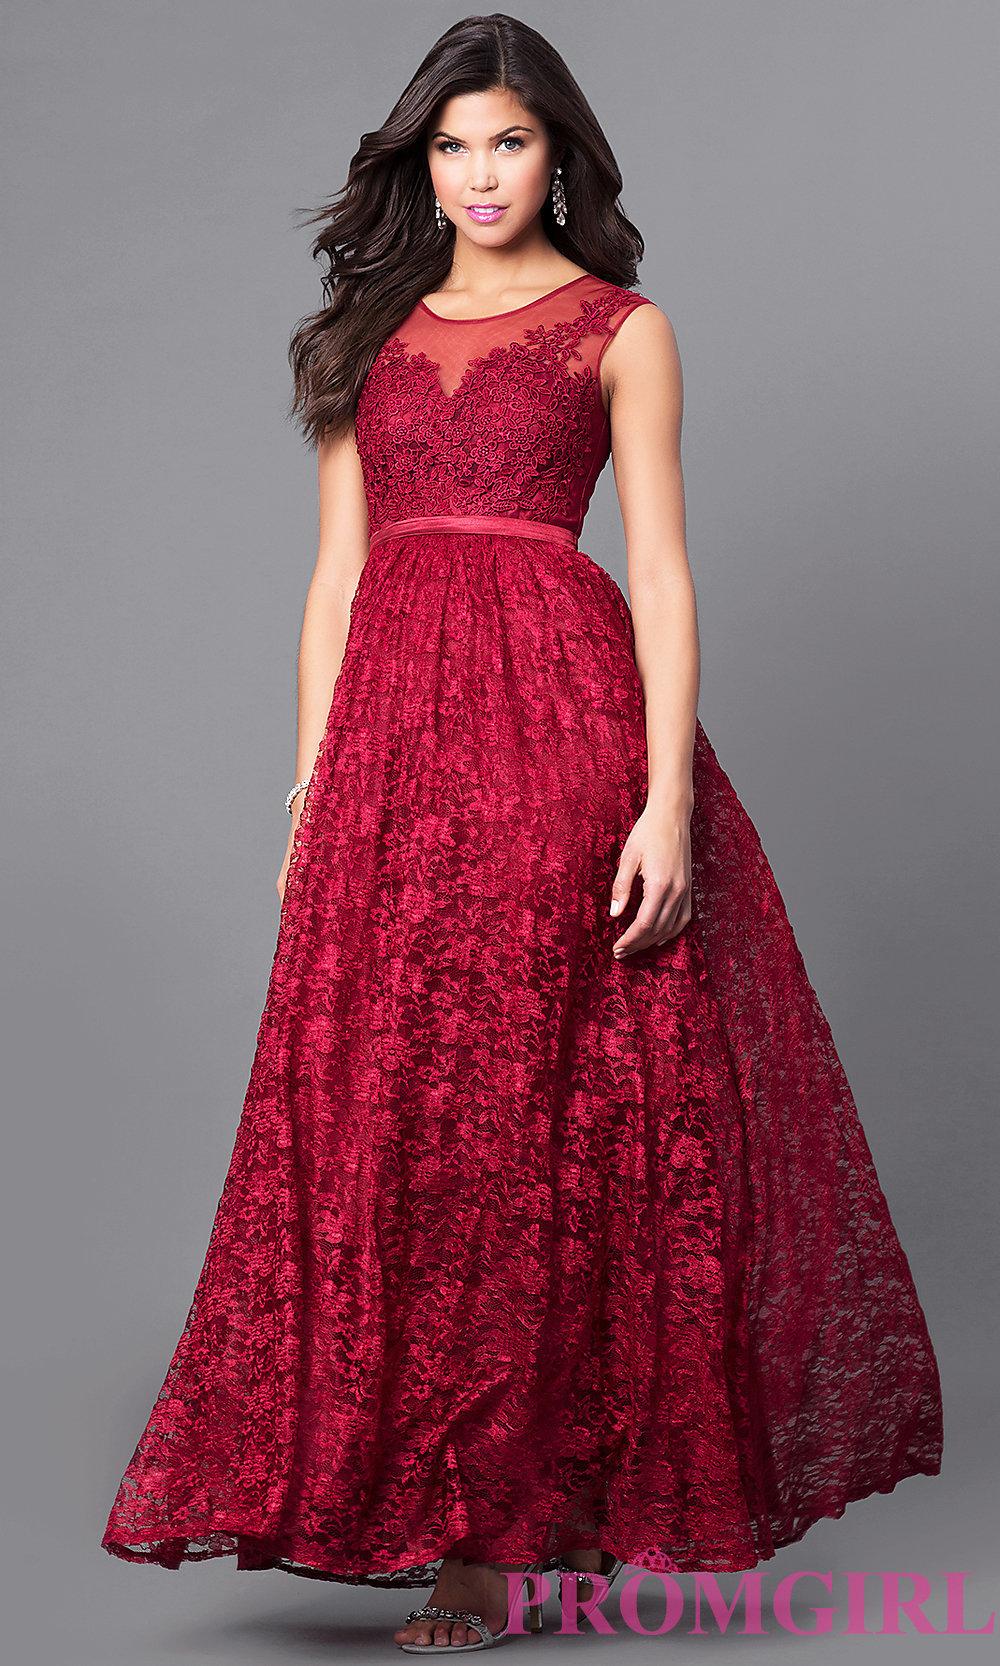 ball dress loved! zjwumcf